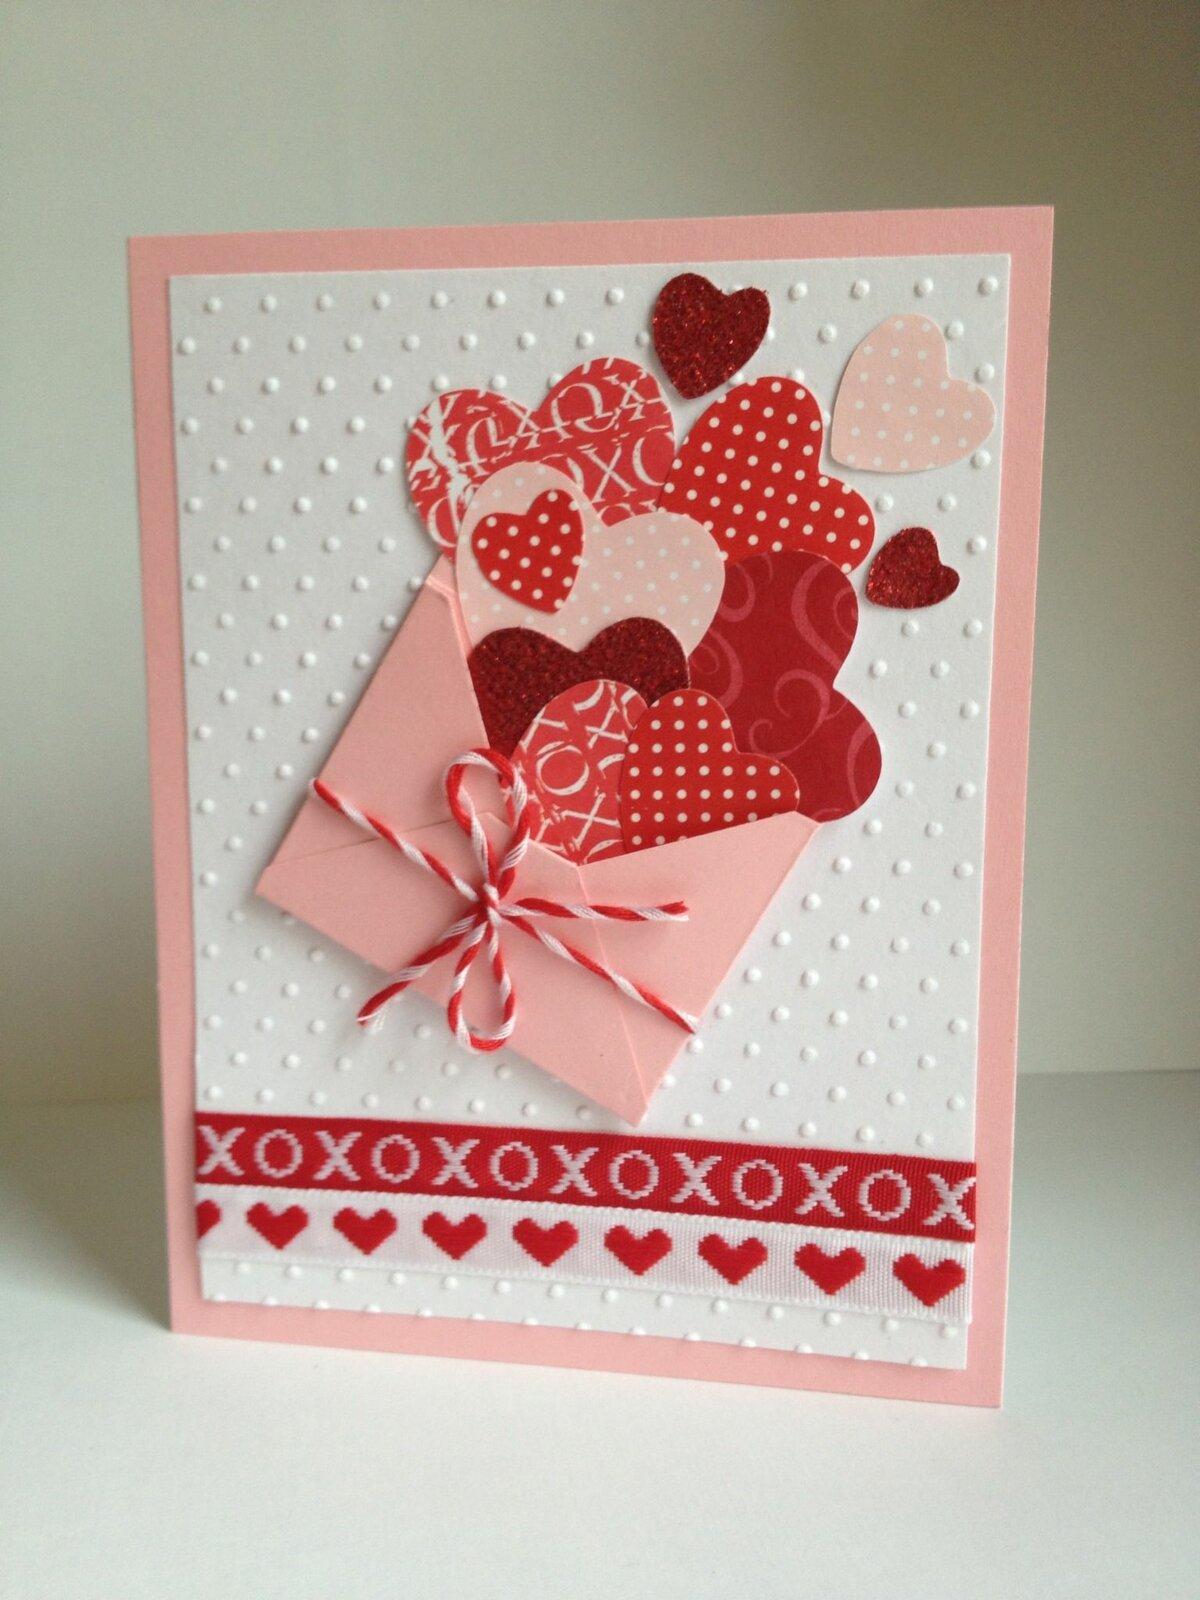 поздравительные открытки собственными руками покрыто коротким, плотно